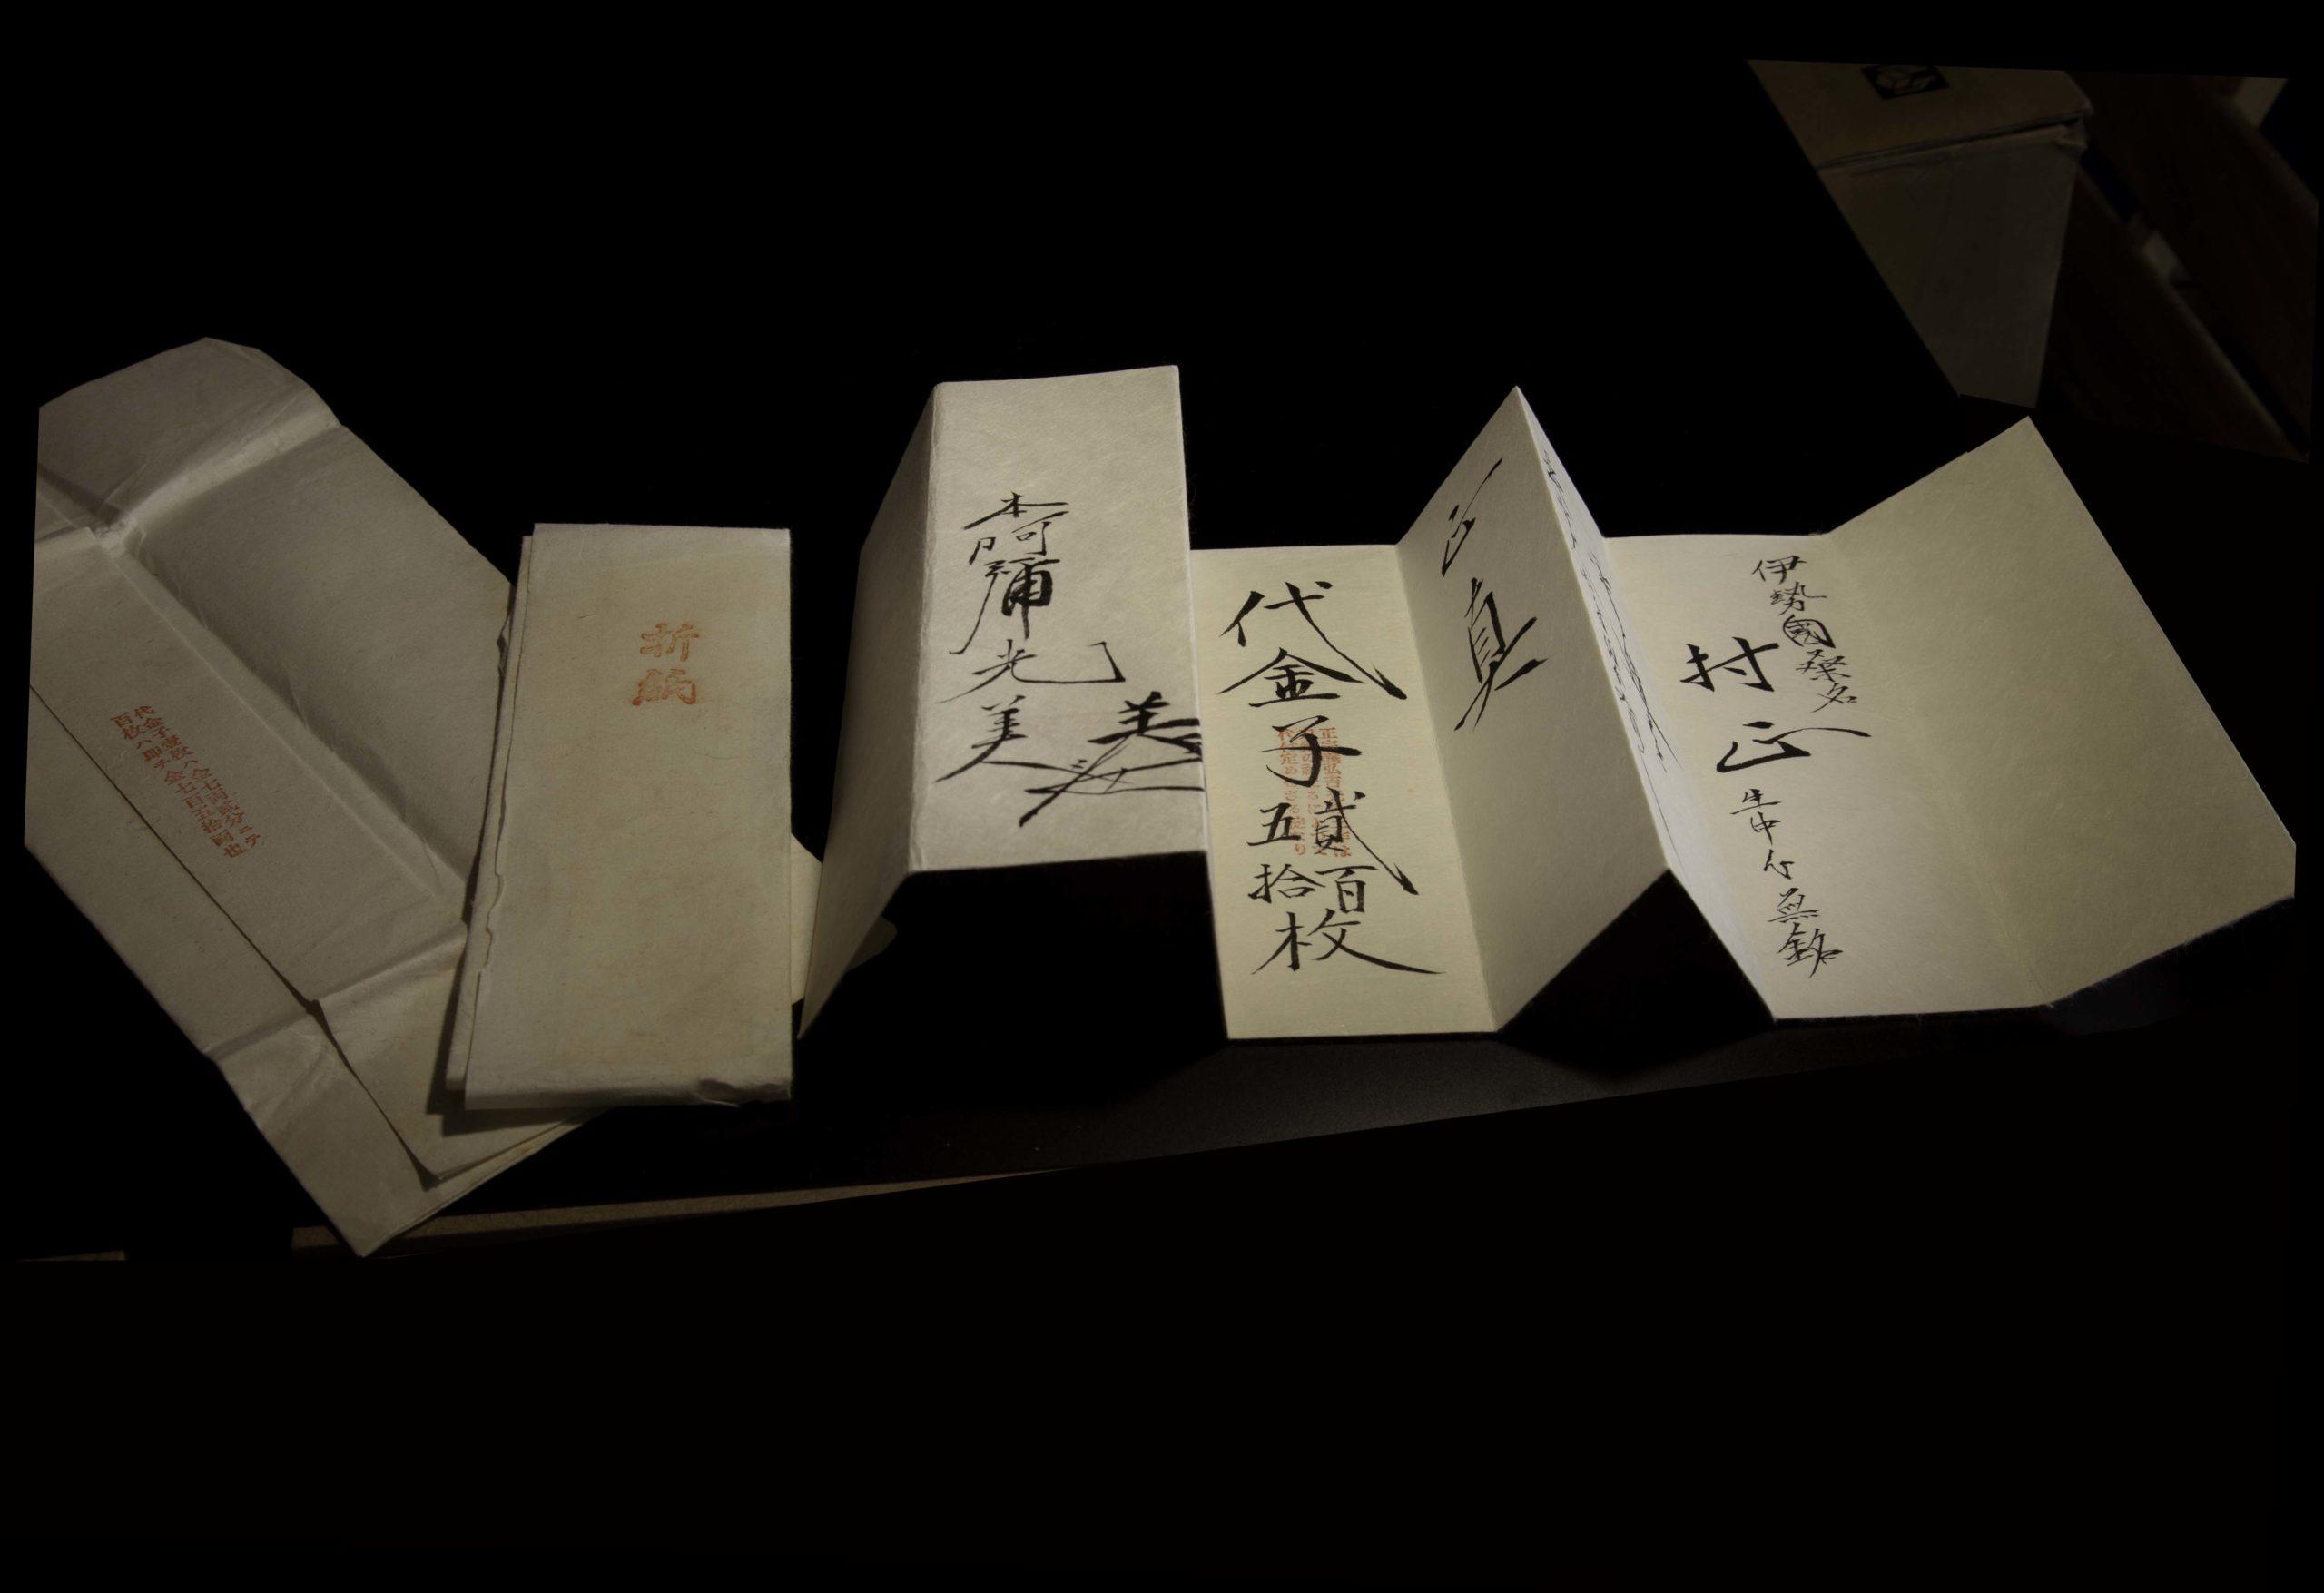 ・本阿弥光美「折紙」 ・鑑定書(刀剣研究会)折紙